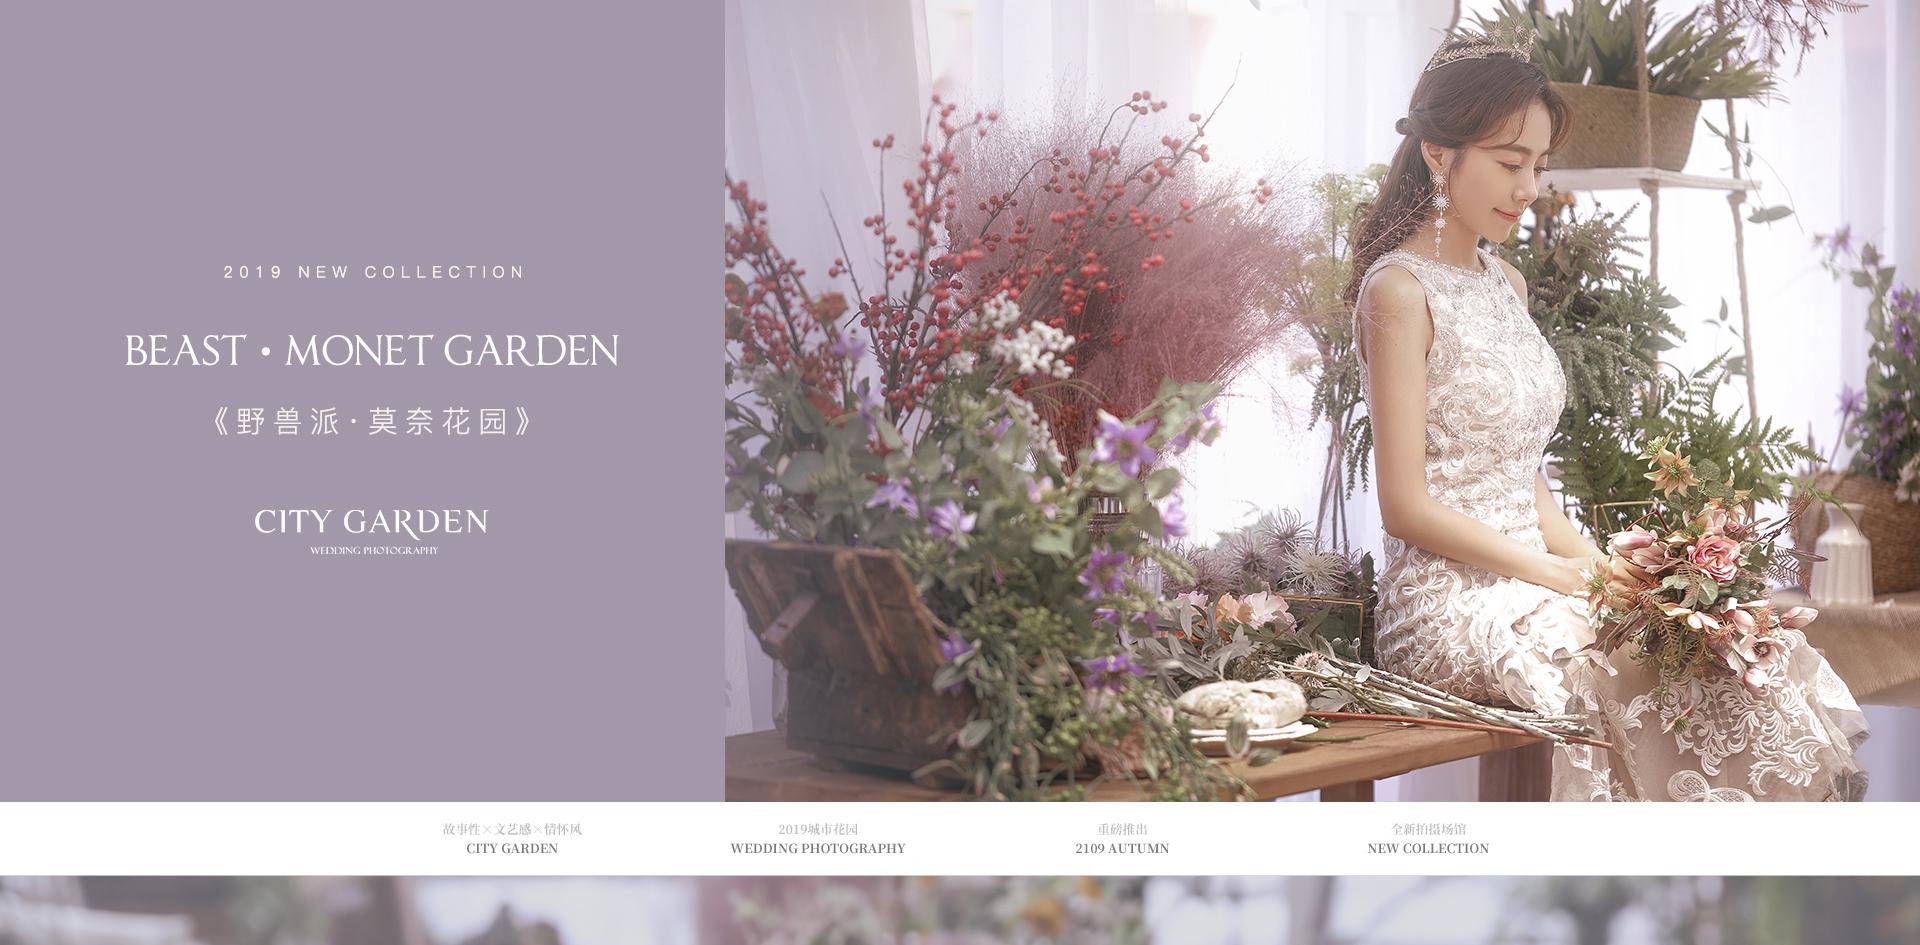 野兽派·莫奈花园风格婚纱照